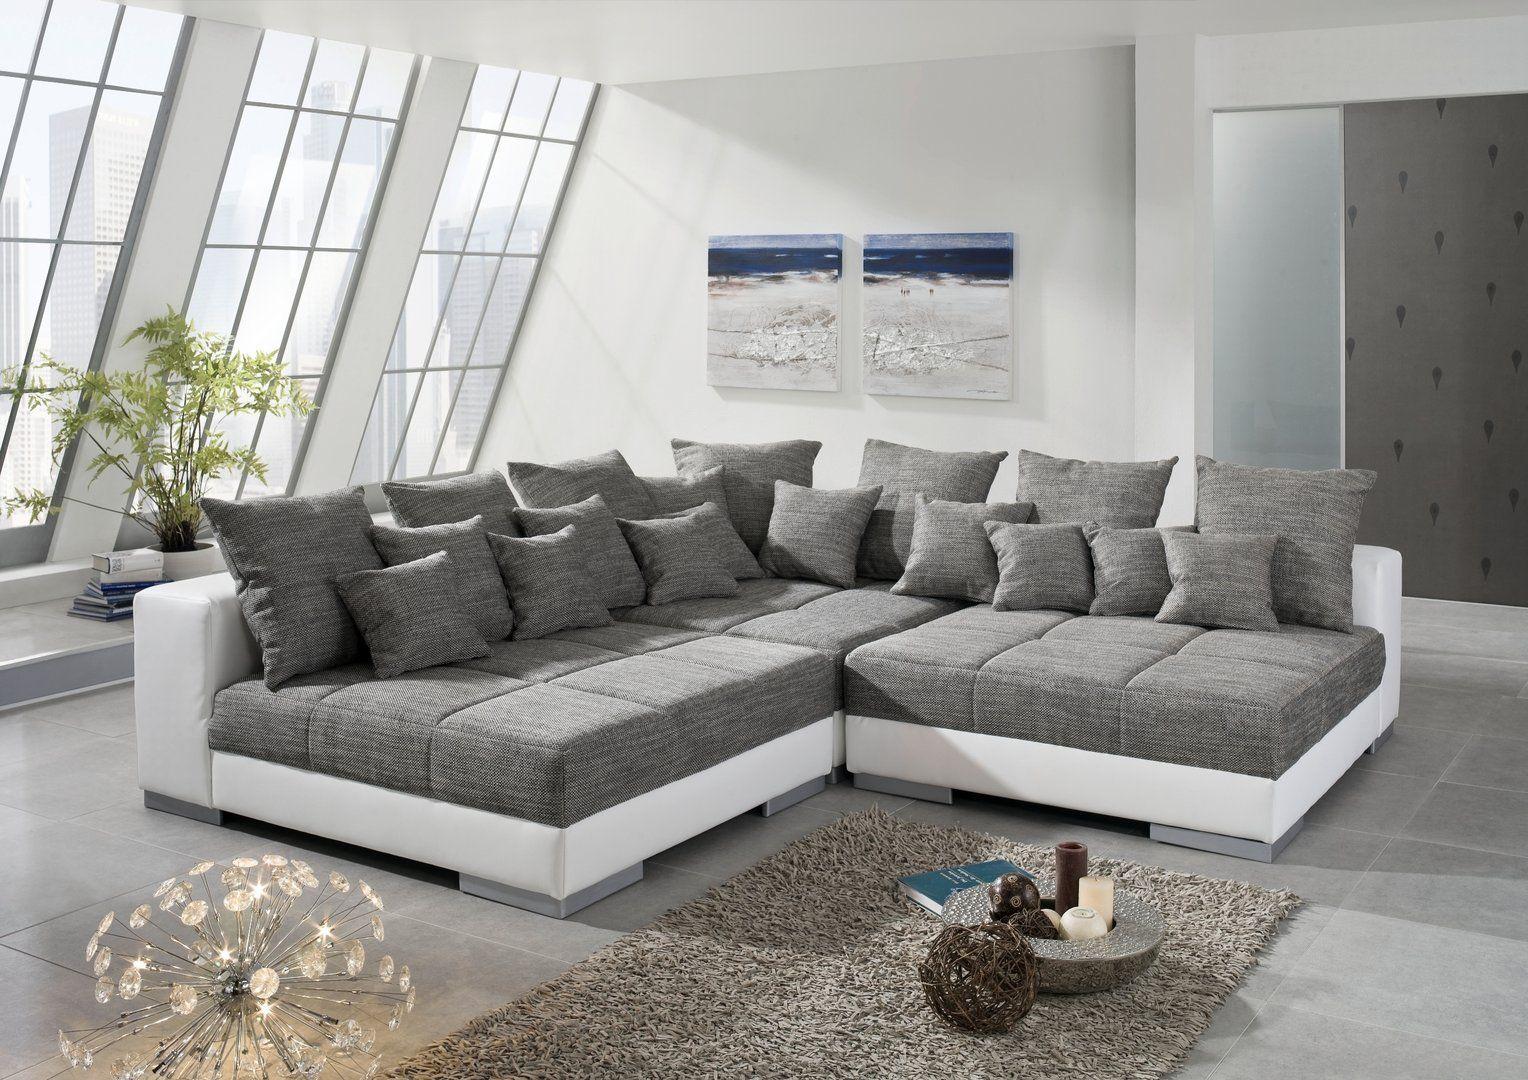 Bezaubernd Moderne Sofas Günstig Sammlung Von Tolle Ecksofa Federkern Günstig